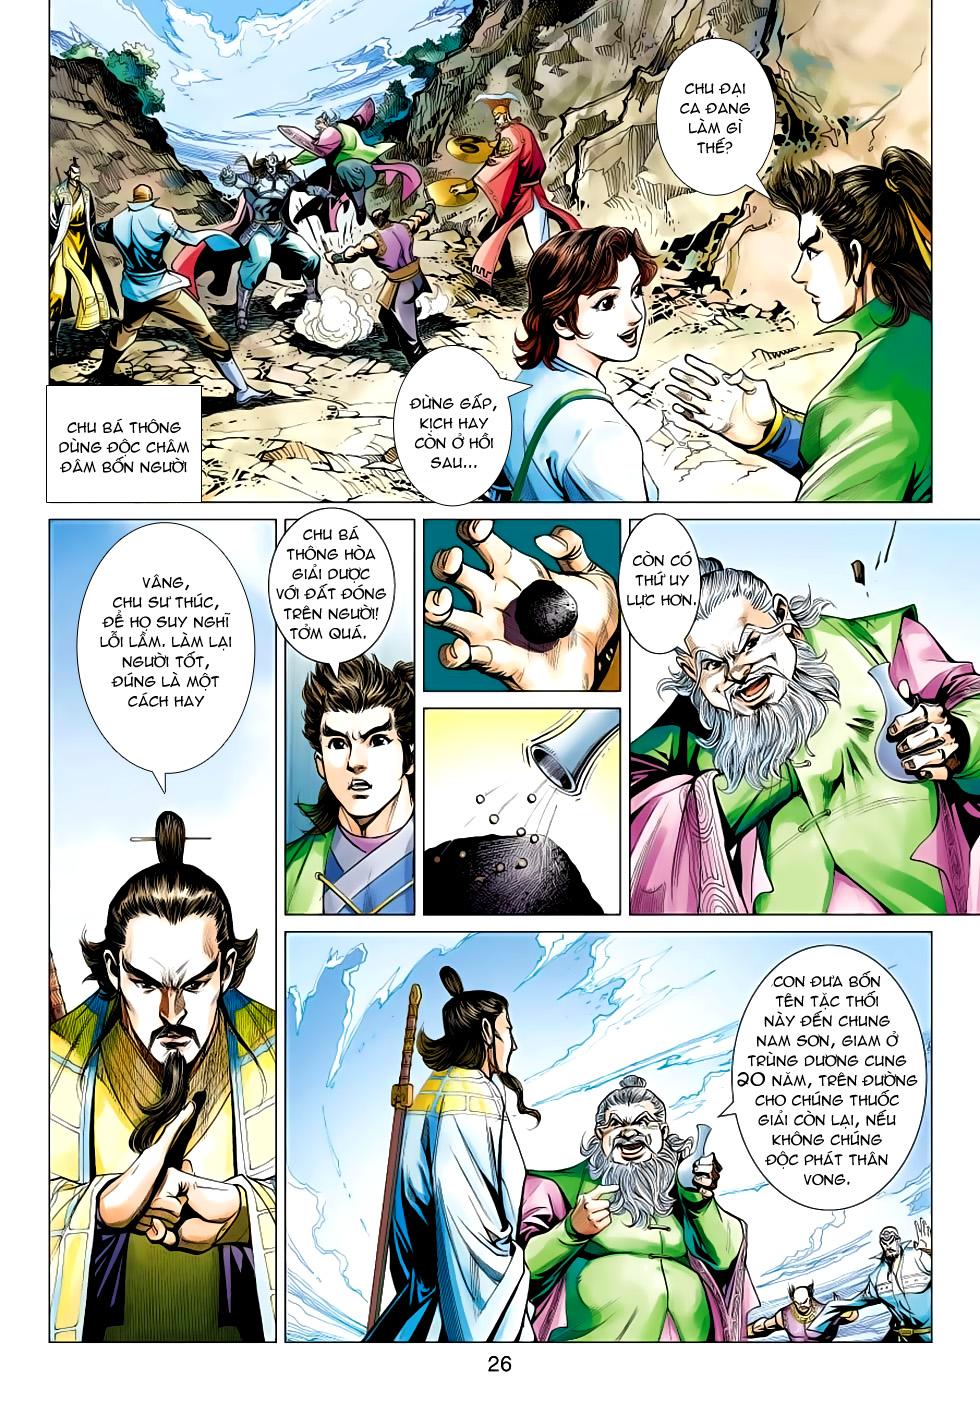 Anh Hùng Xạ Điêu (Xạ Điêu Anh Hùng Truyện) Chap 109